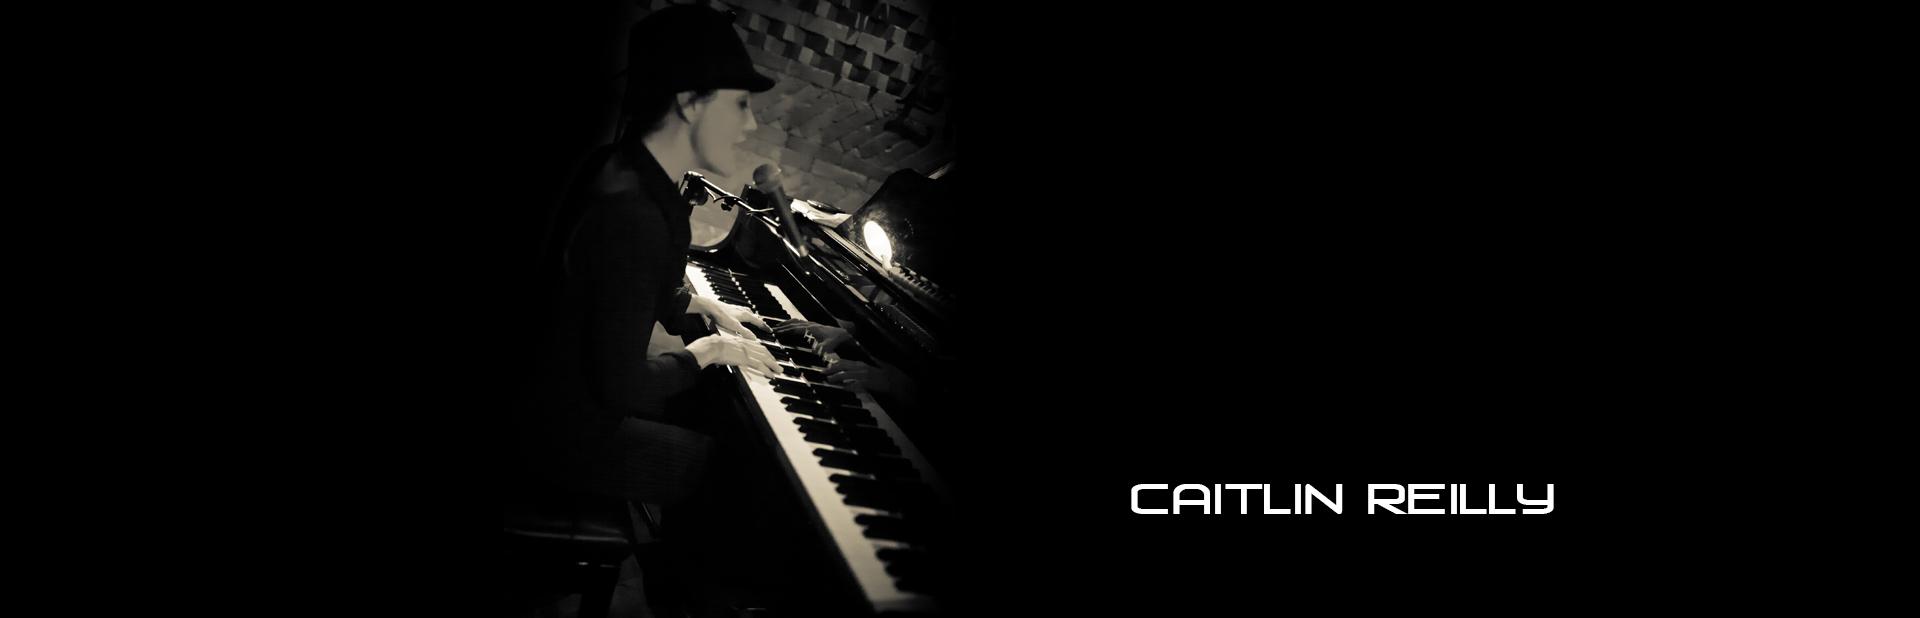 Caitlin-Reilly-01